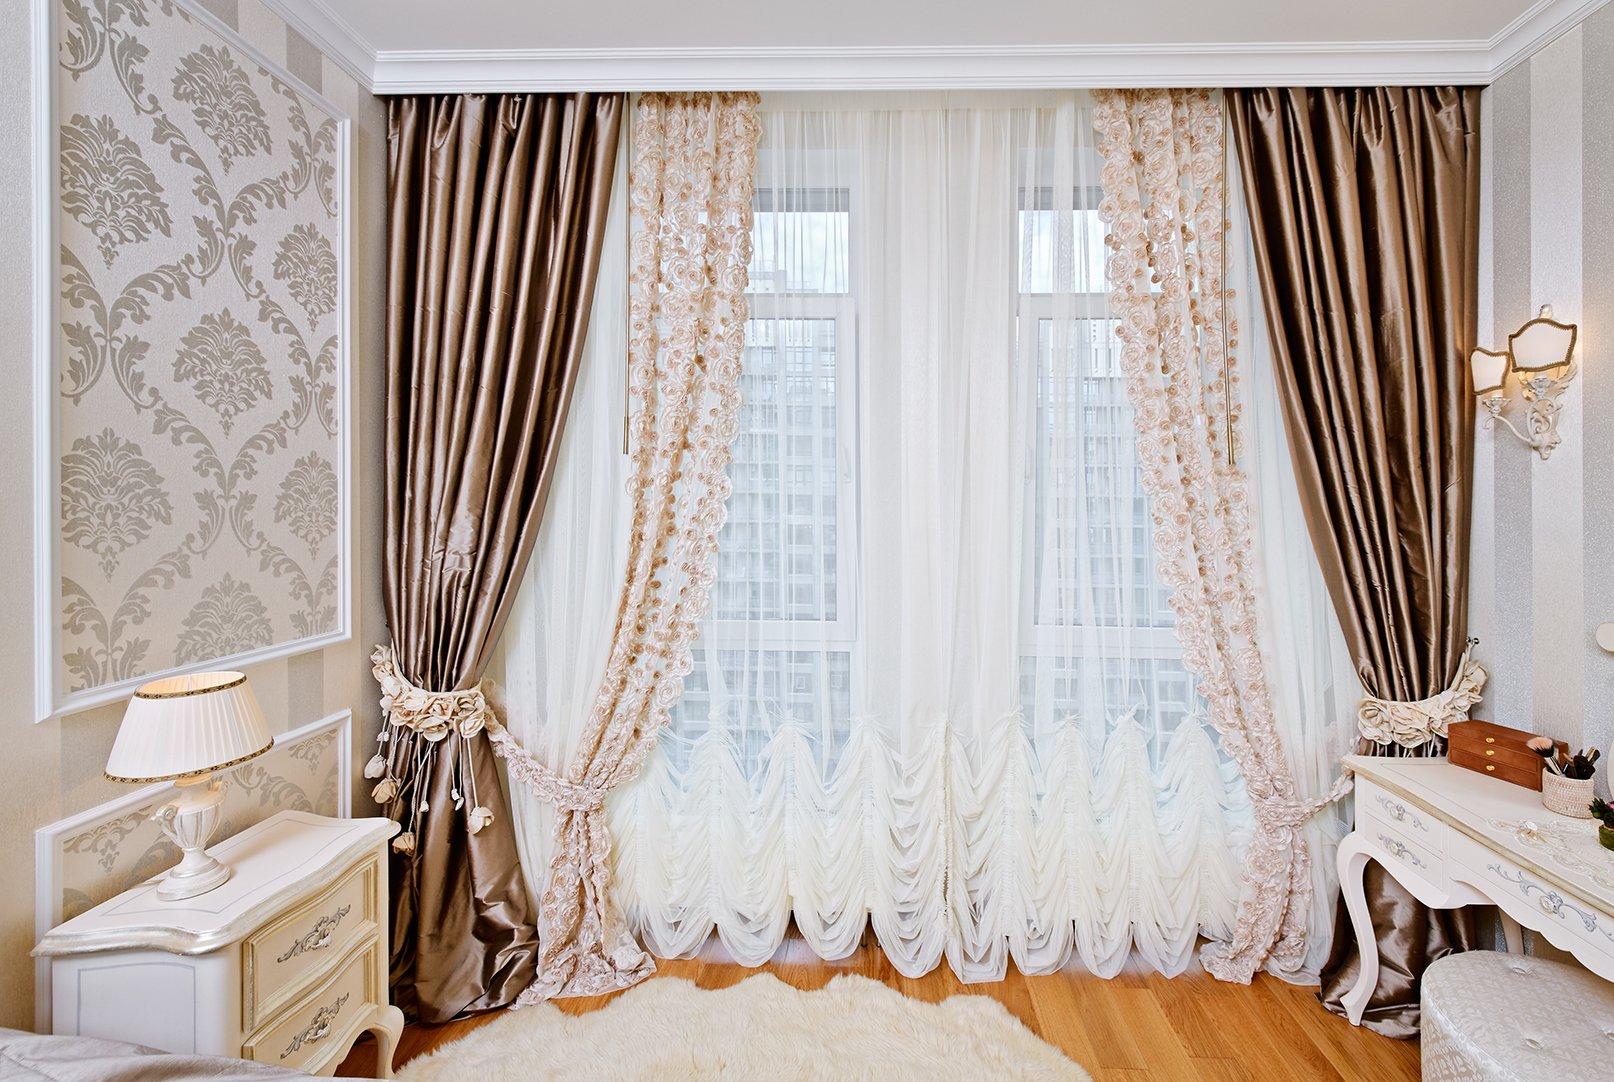 фото моделей тюлевых штор в зал